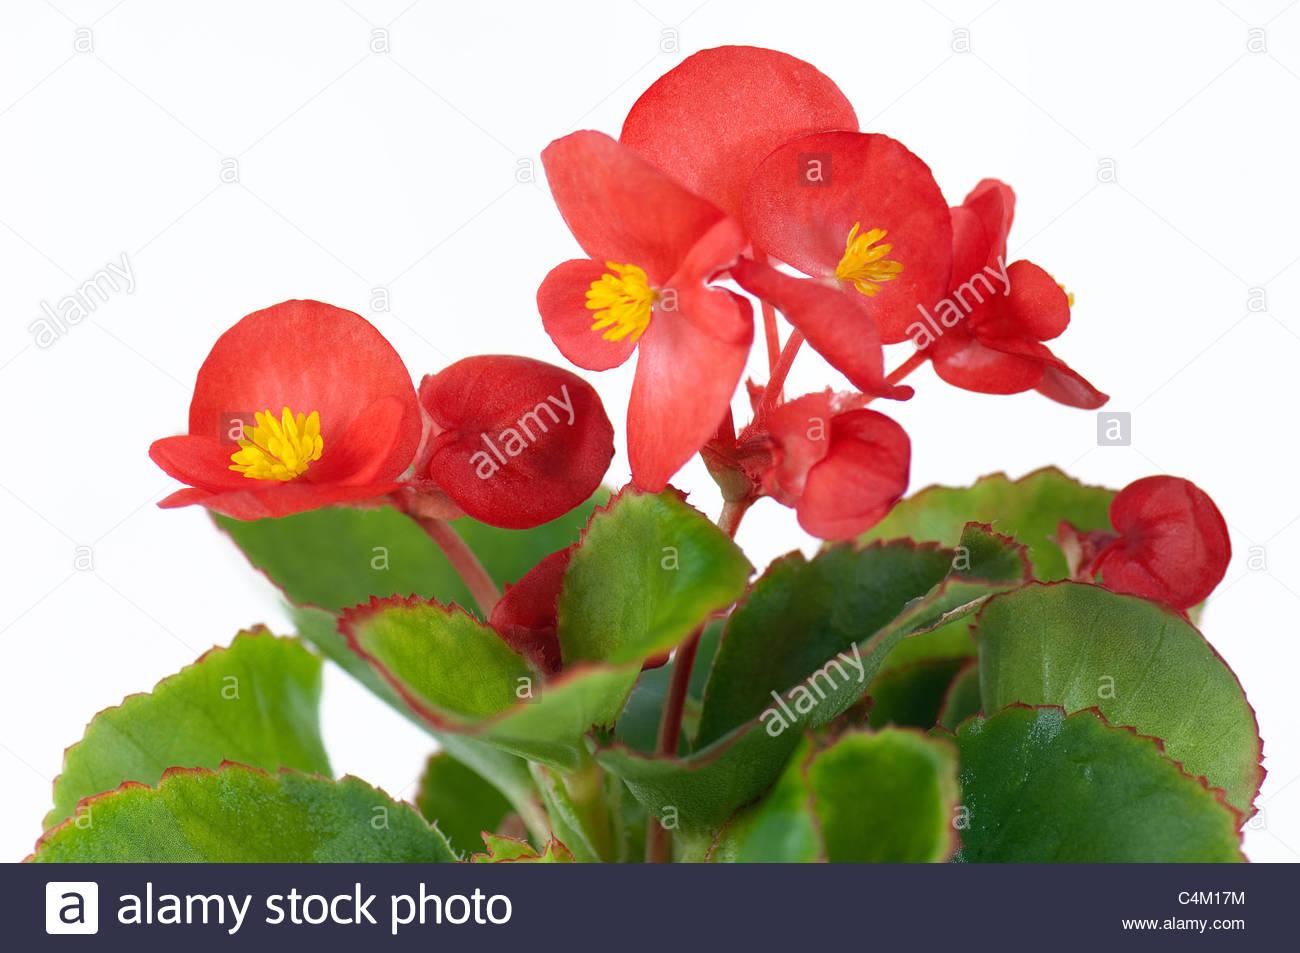 White Begonia Stock Photos & White Begonia Stock Images.